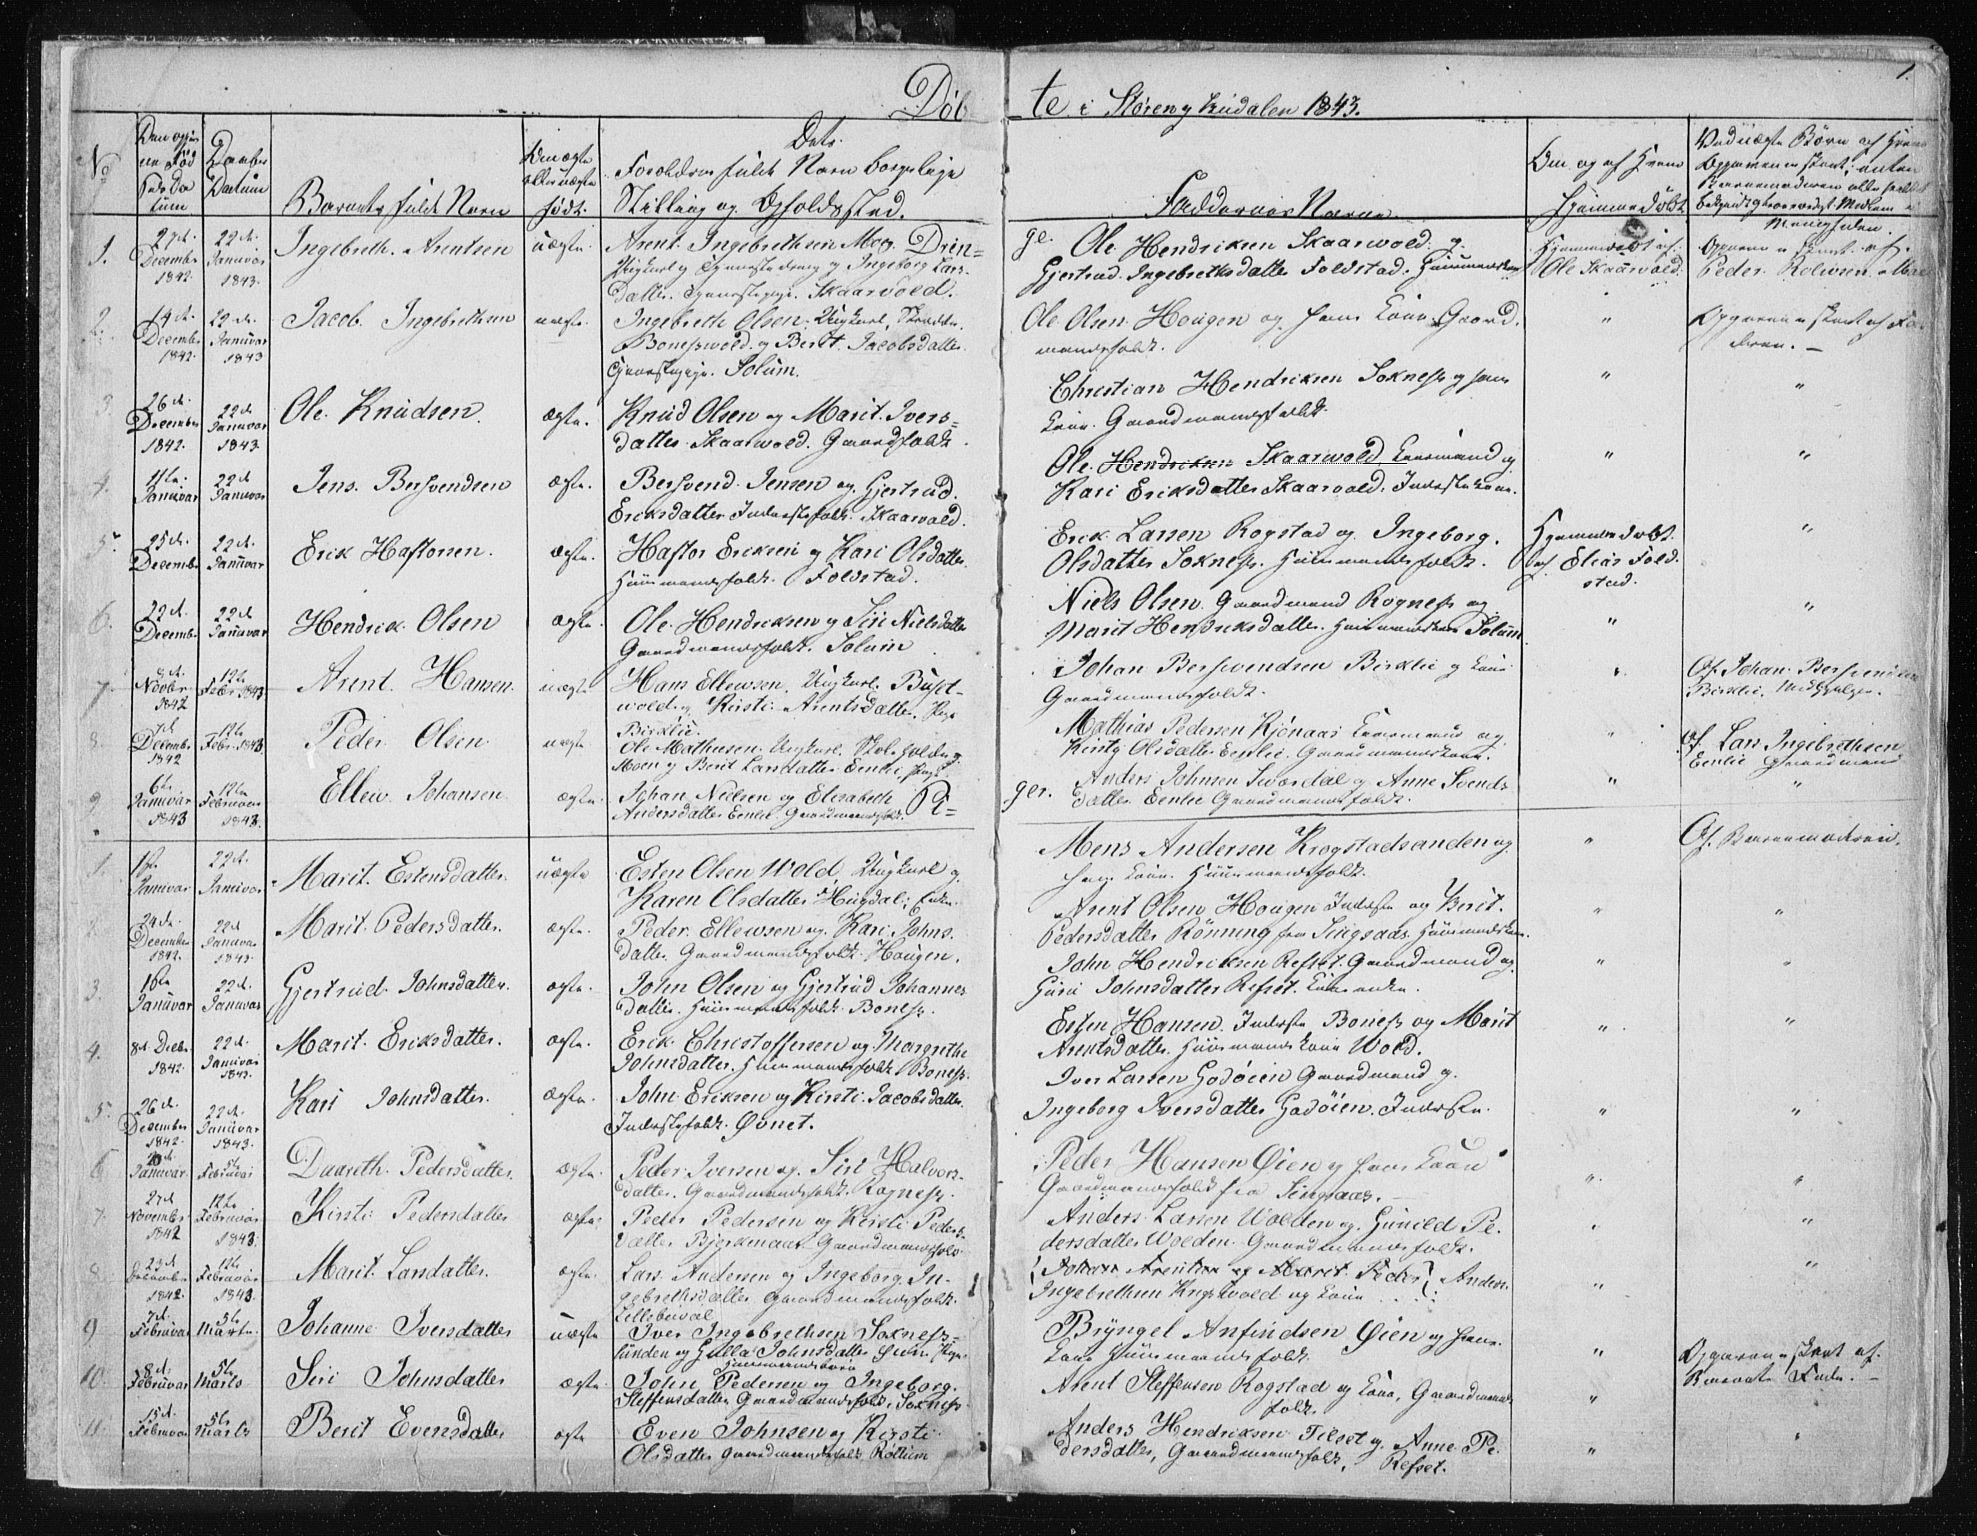 SAT, Ministerialprotokoller, klokkerbøker og fødselsregistre - Sør-Trøndelag, 687/L0997: Ministerialbok nr. 687A05 /1, 1843-1848, s. 1